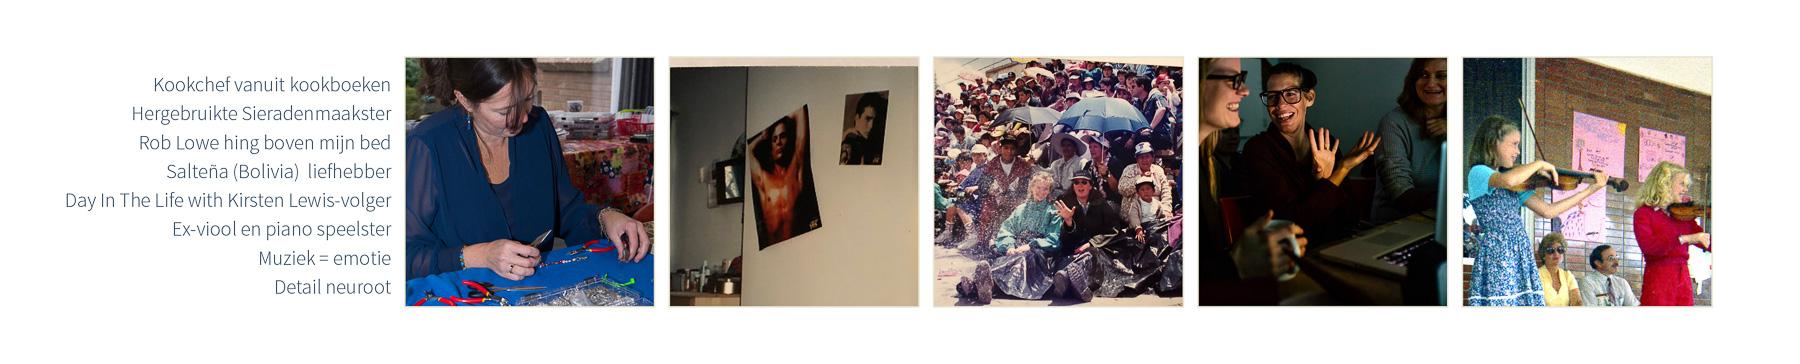 Dit ben ik ook, eigenschappen en wie ben ik met foto's uit mijn persoonlijk magazine